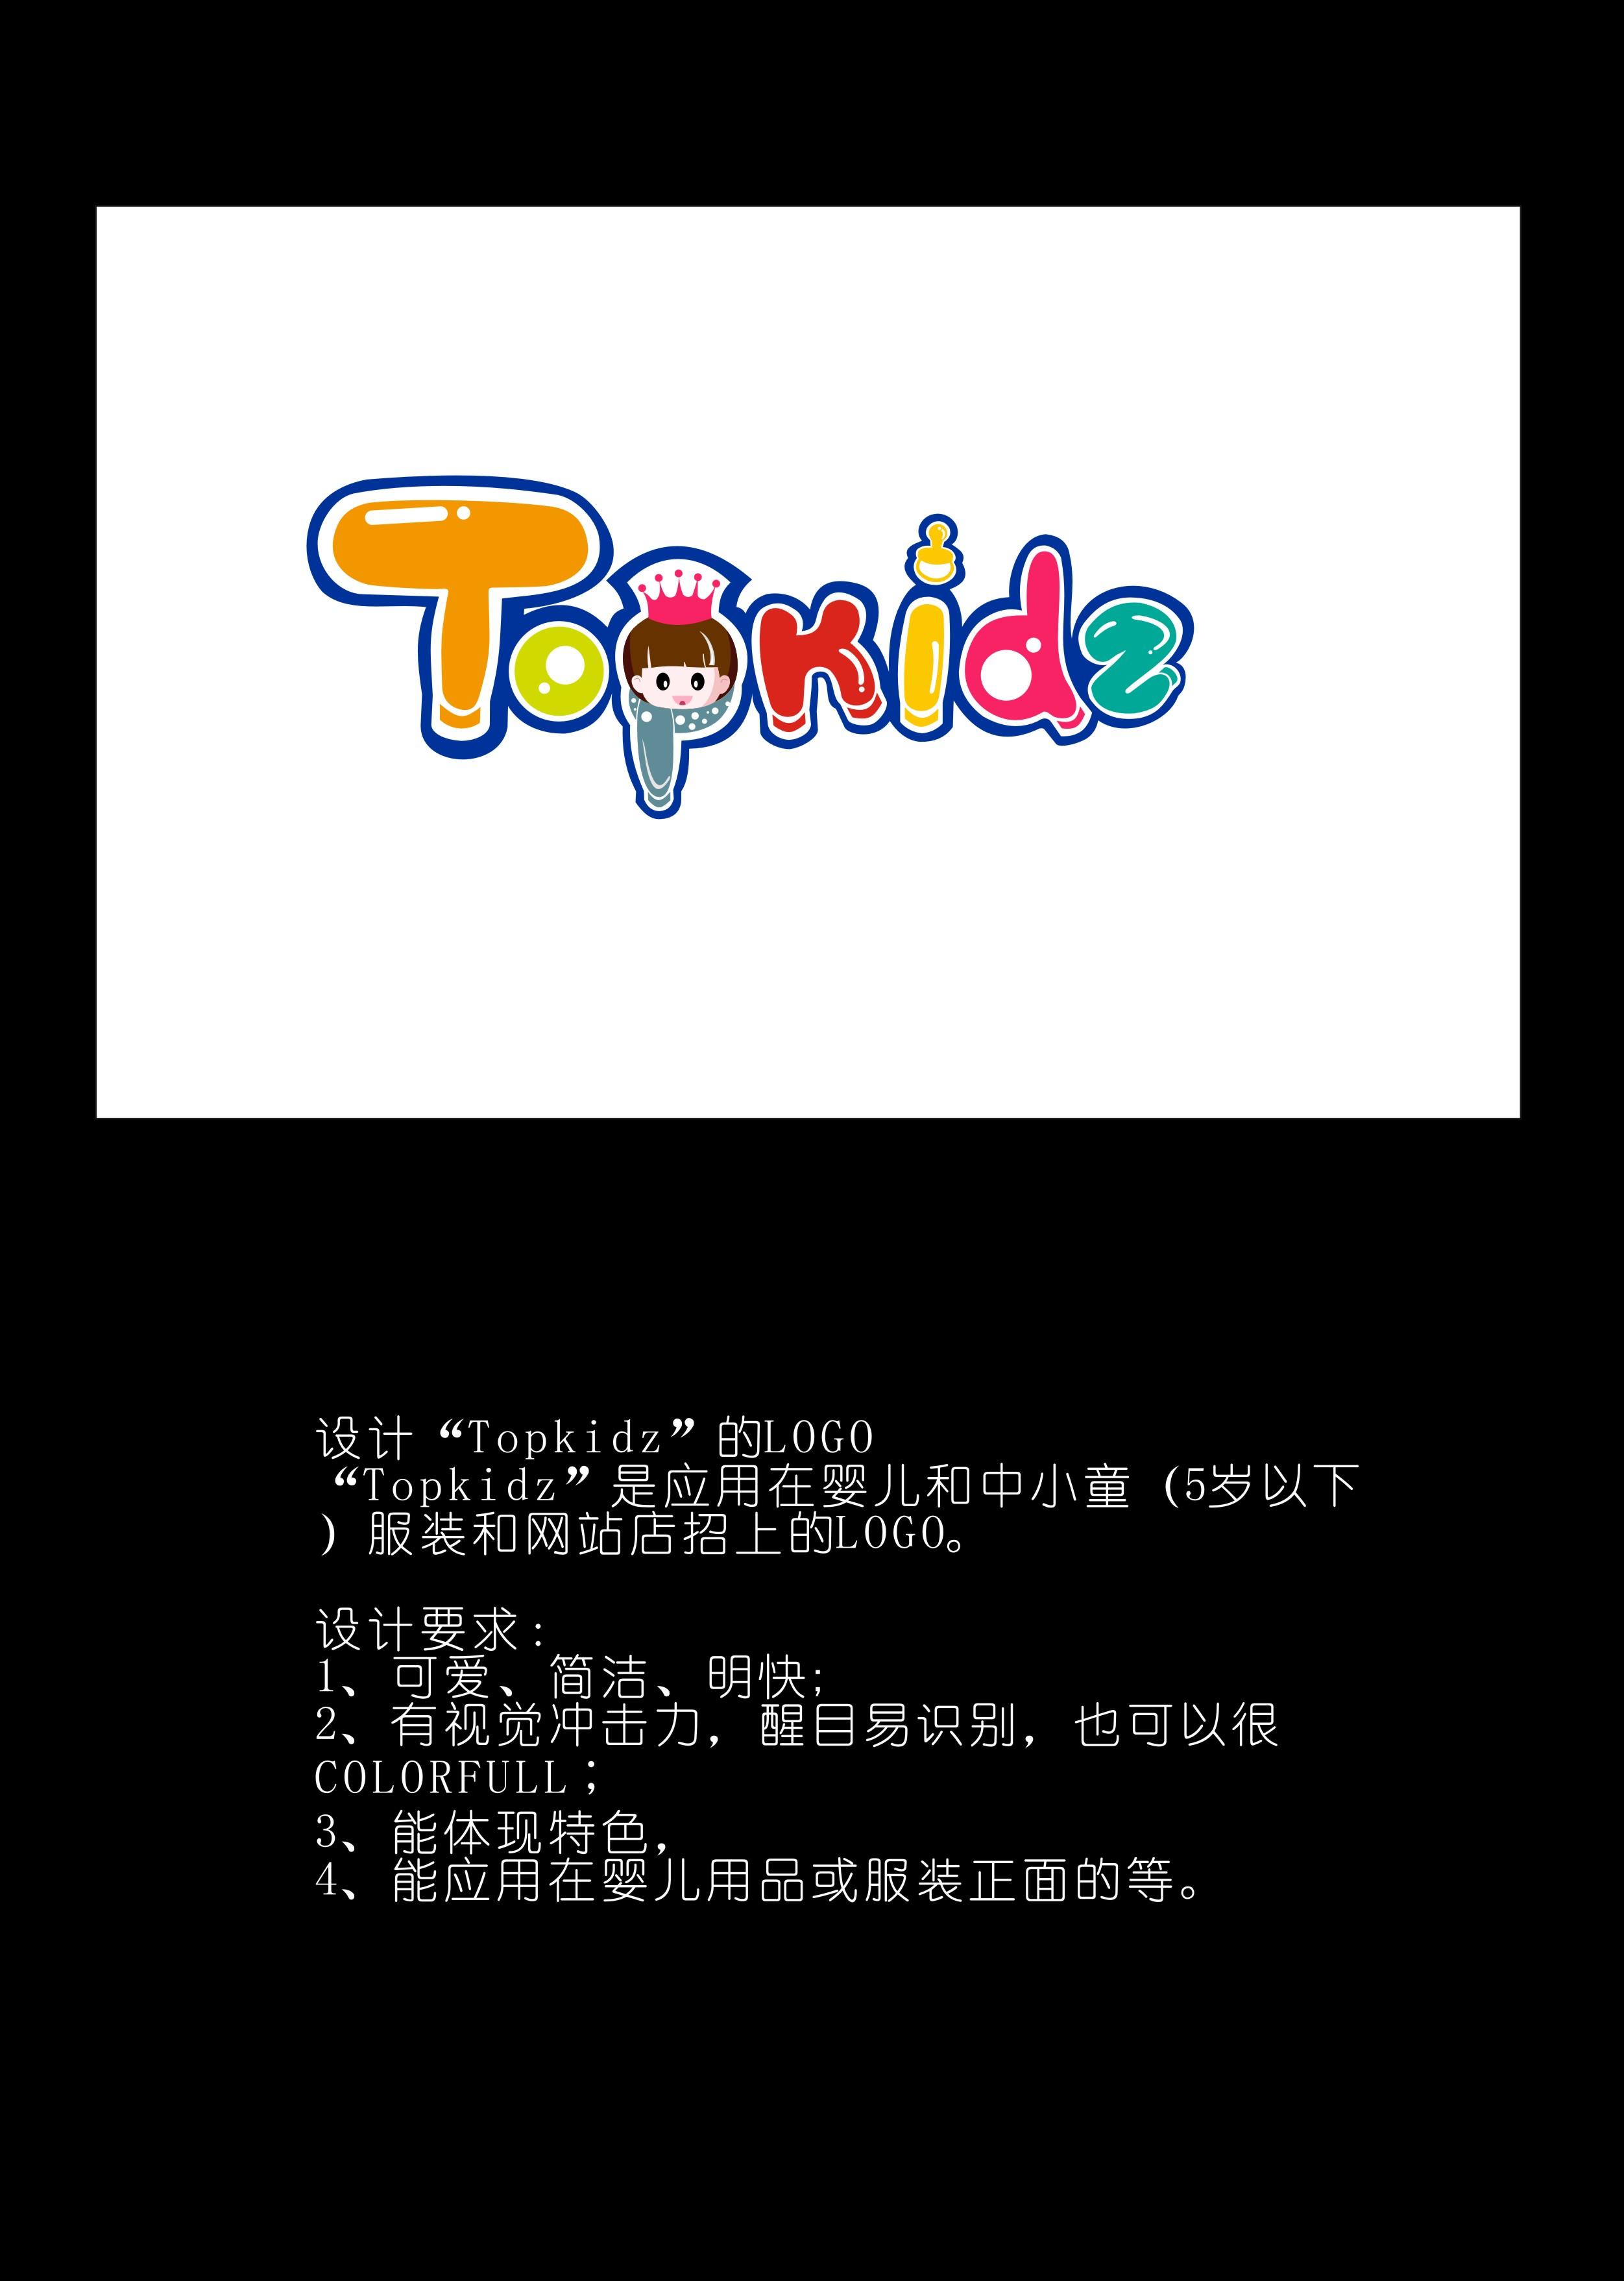 中小童装,网站的logo设计